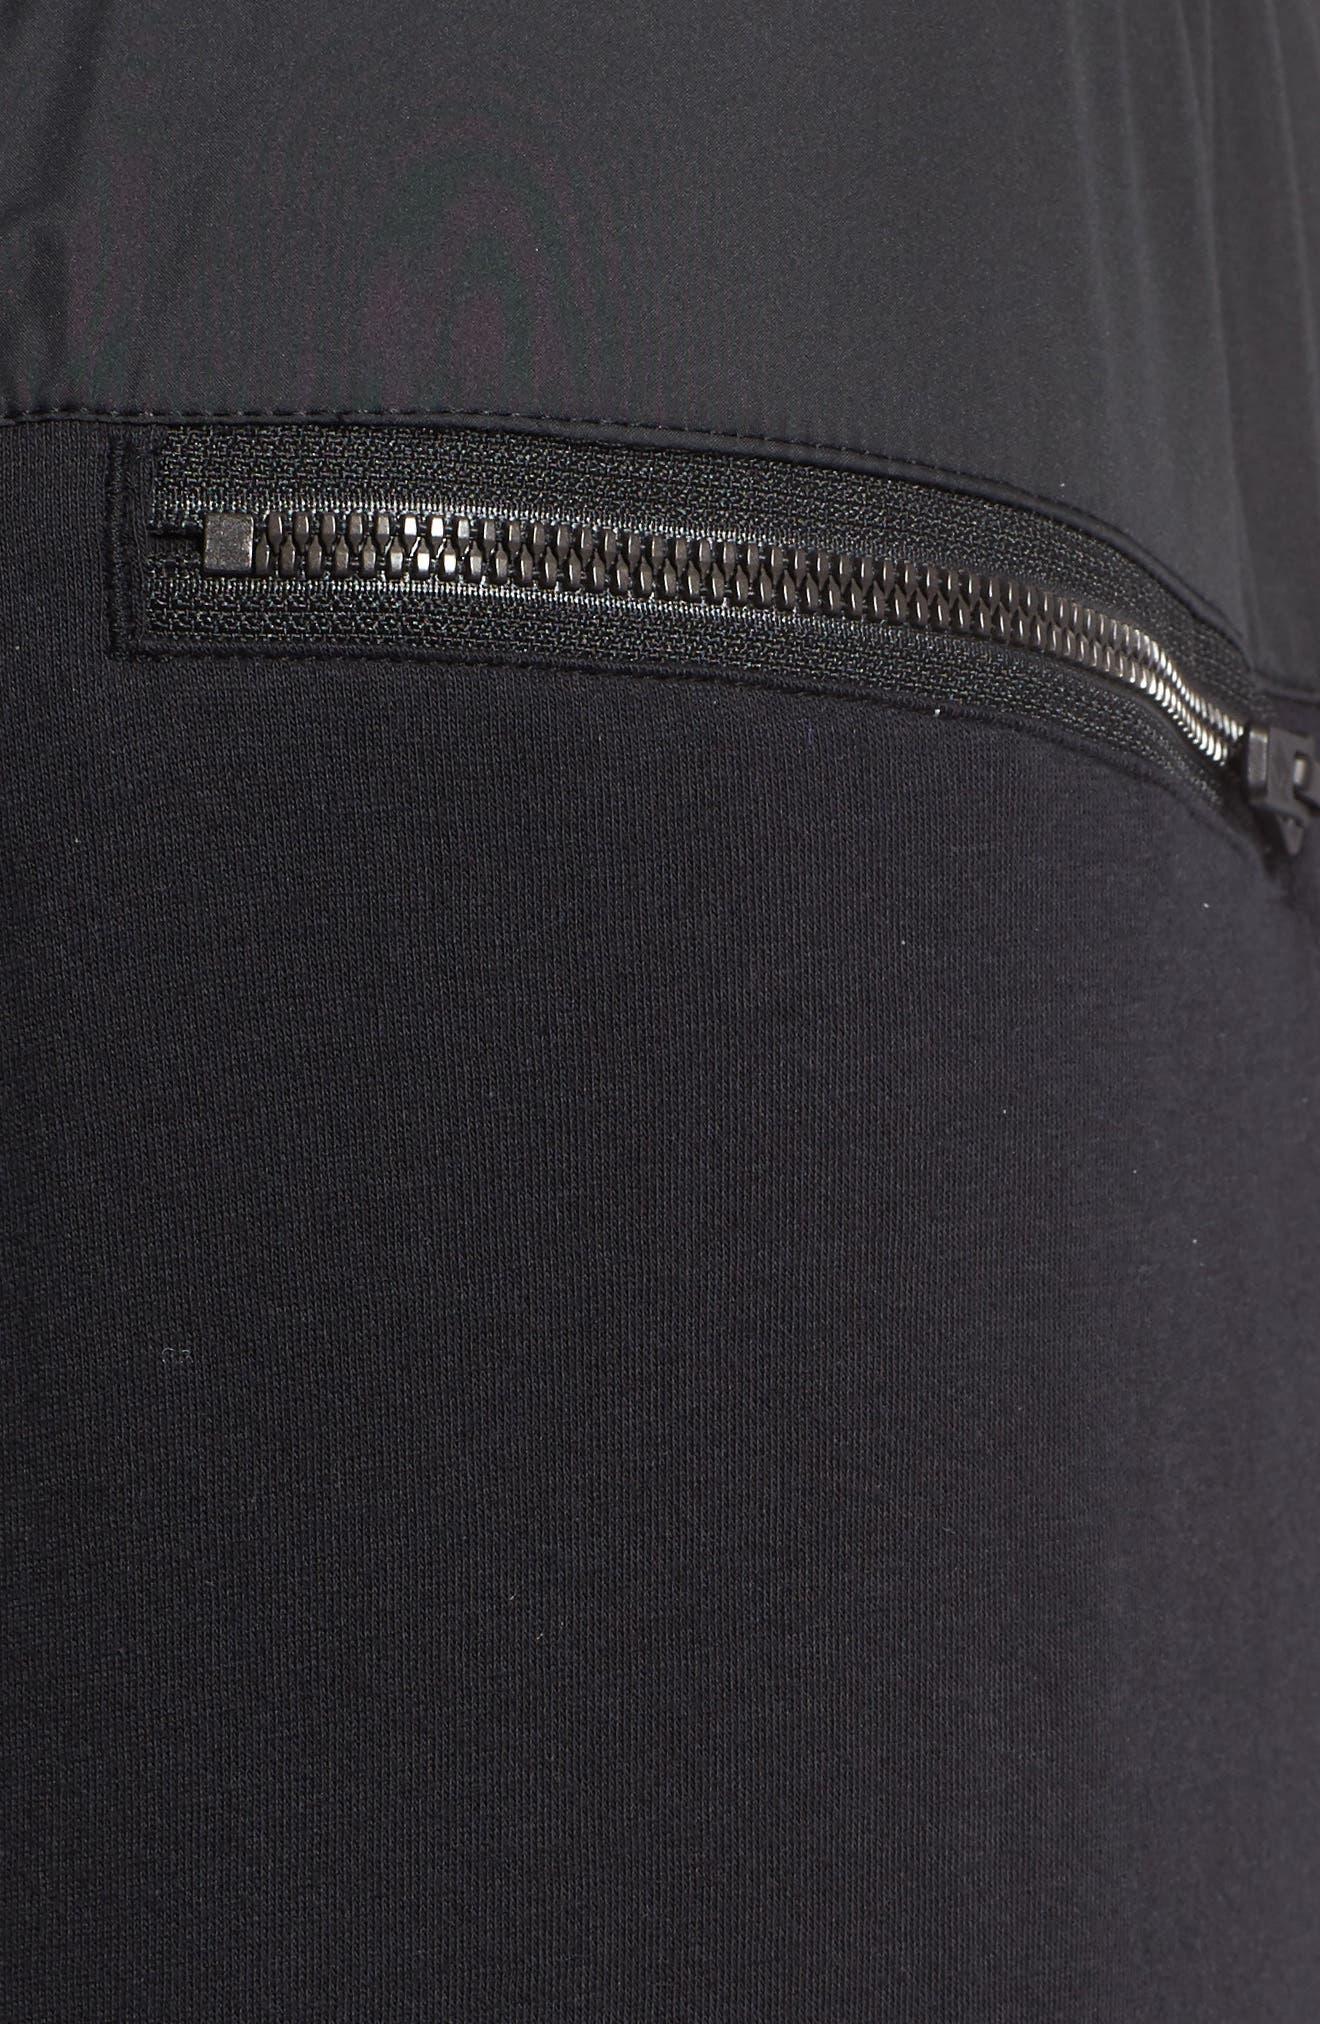 Modern Jogger Pants,                             Alternate thumbnail 4, color,                             BLACK/ BLACK